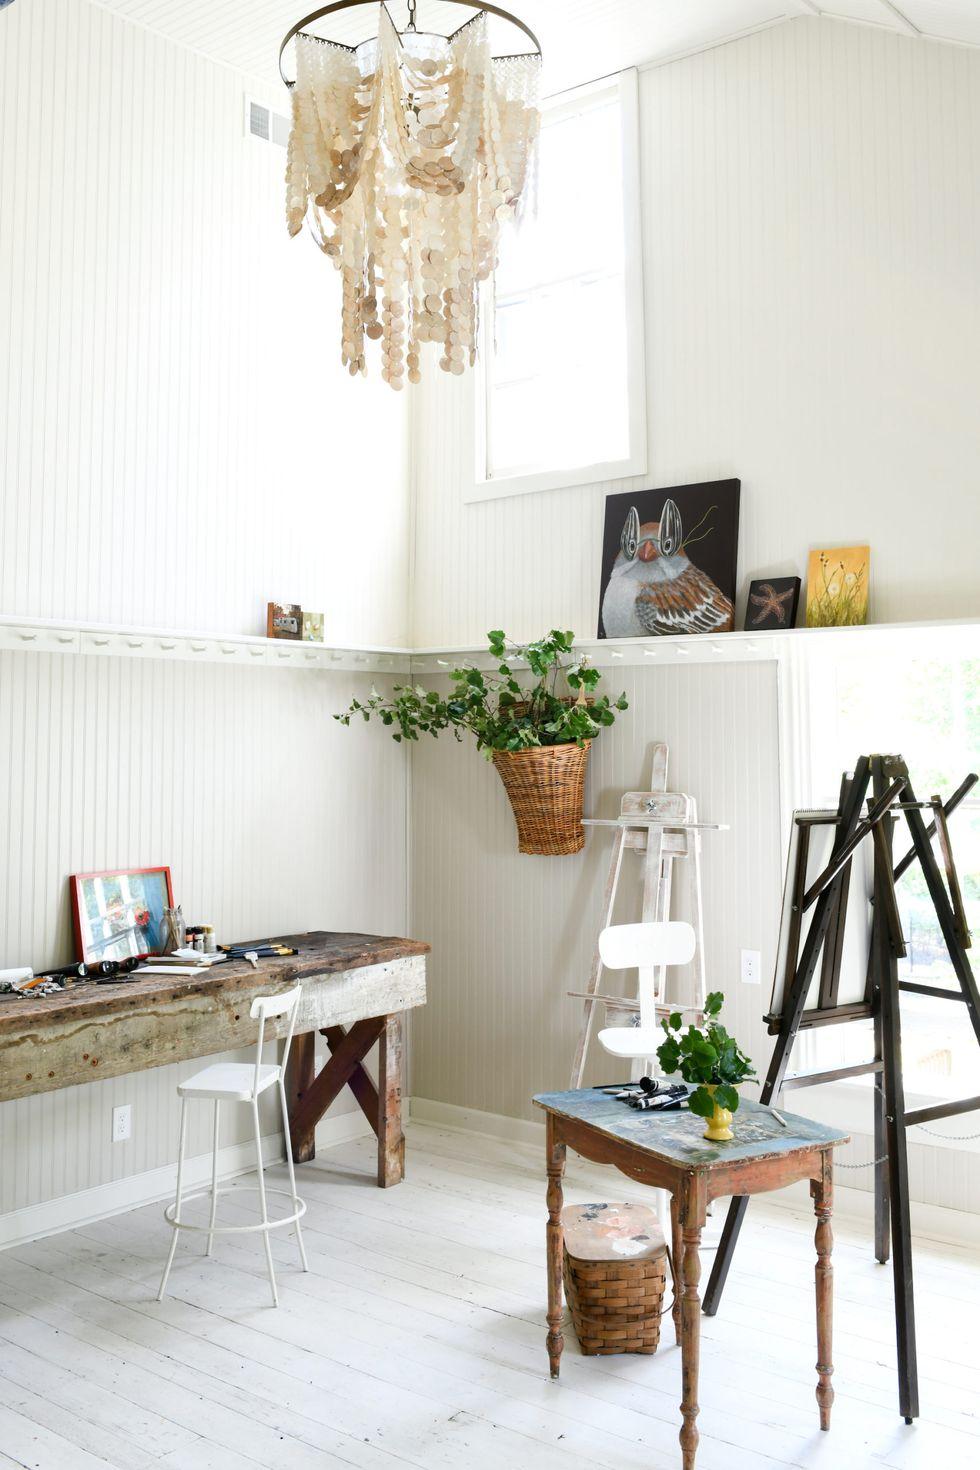 Sử dụng một chiếc ghế dài cũ, bàn phụ hoặc bàn điều khiển như Leanne Ford đã làm trong khóa tu của nghệ sĩ này. Nếu bạn chọn một mảnh gỗ khai hoang hoặc tùy chọn ngoài trời mộc mạc, bạn sẽ không phải quá quý trọng nó, đặc biệt nếu bạn làm việc với sơn và các vật liệu lộn xộn khác với tư cách là một nghệ sĩ hoặc nhà thiết kế.